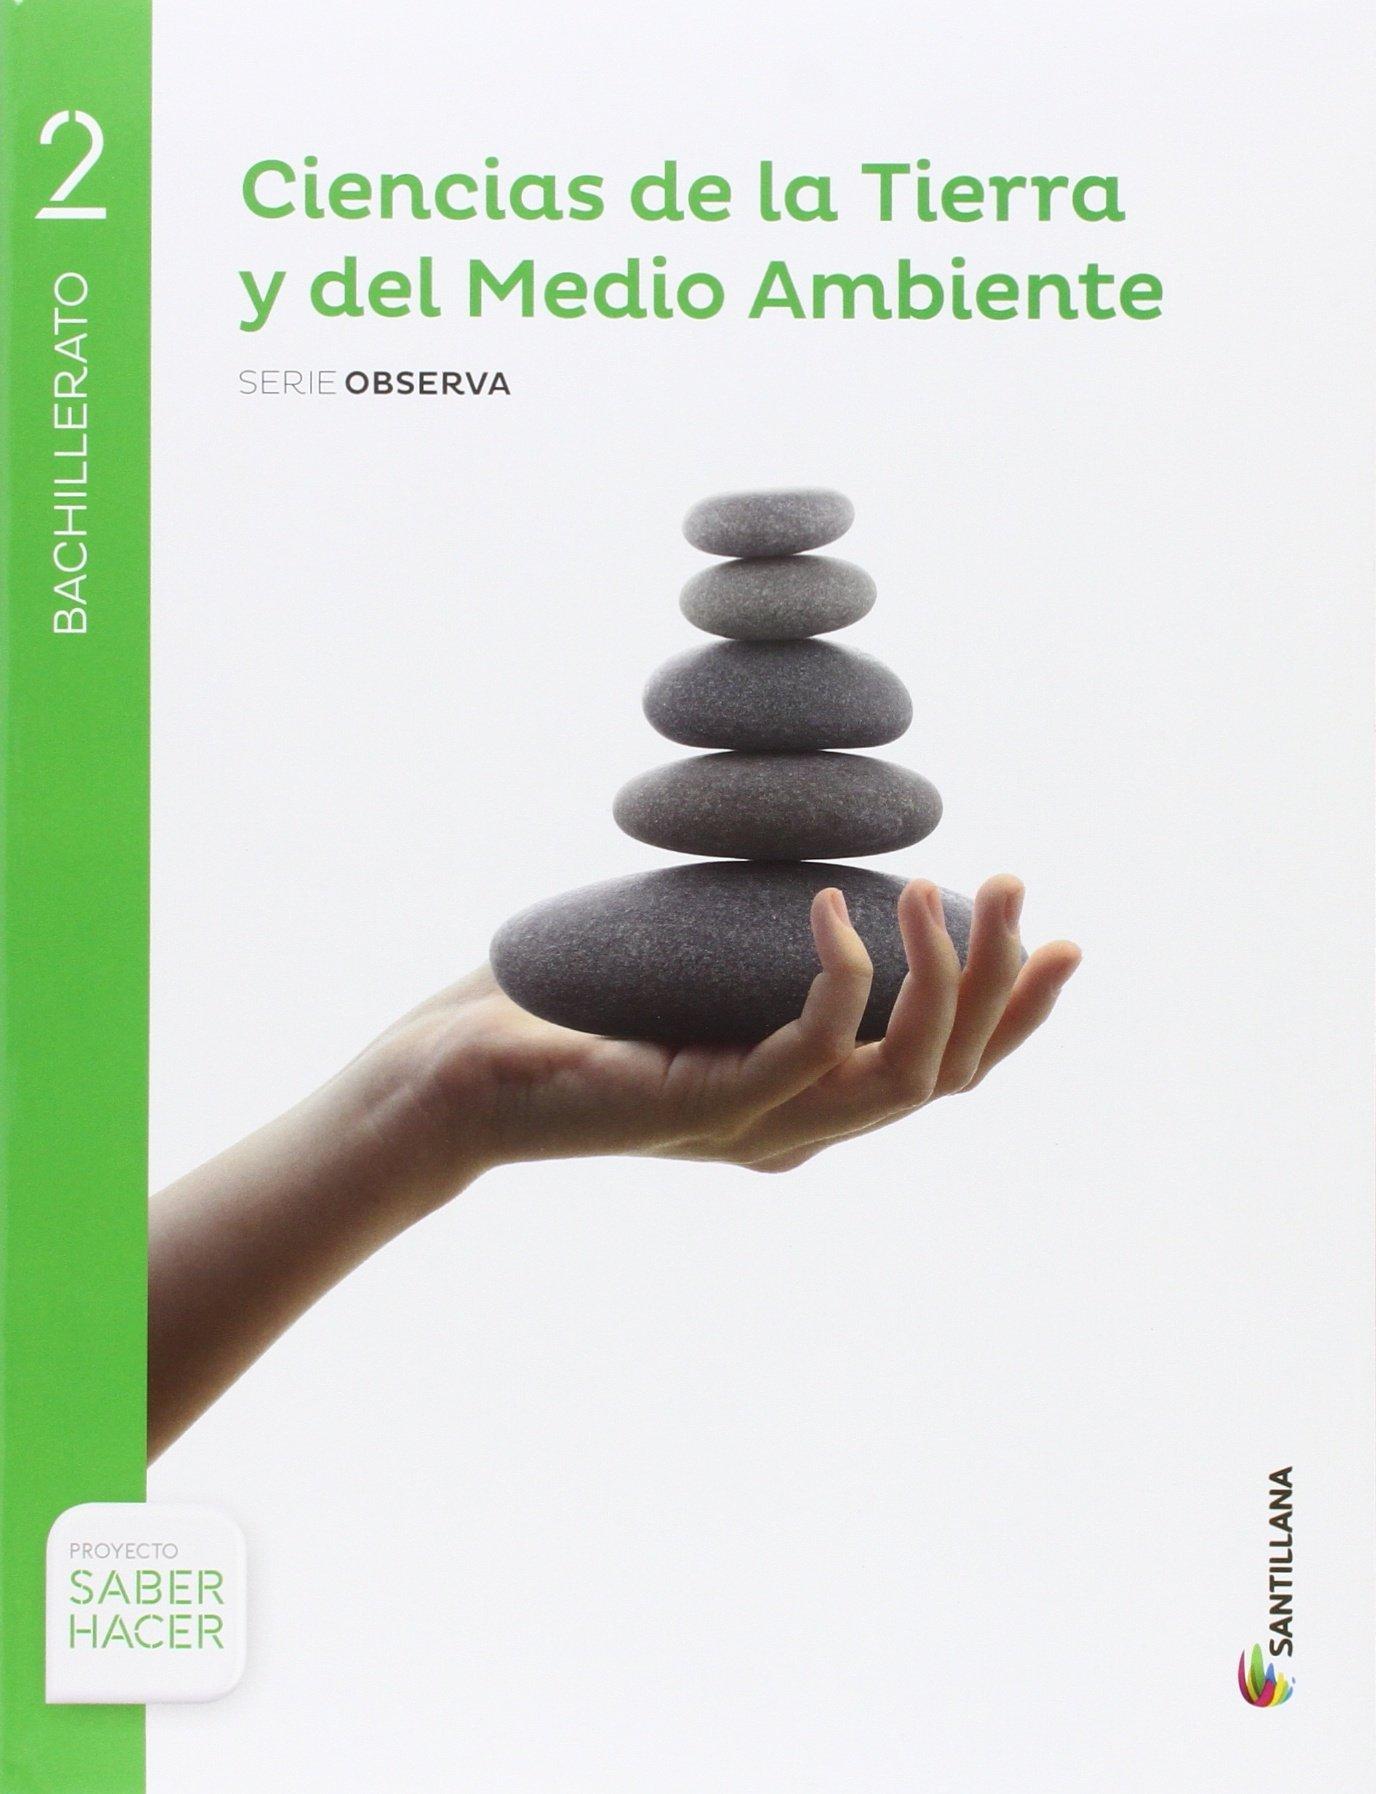 CIENCIAS DE LA TIERRA Y MEDIO AMBIENTE SERIE OBSERVA 2 BTO SABER HACER - 9788468038179: Amazon.es: Aa.Vv.: Libros